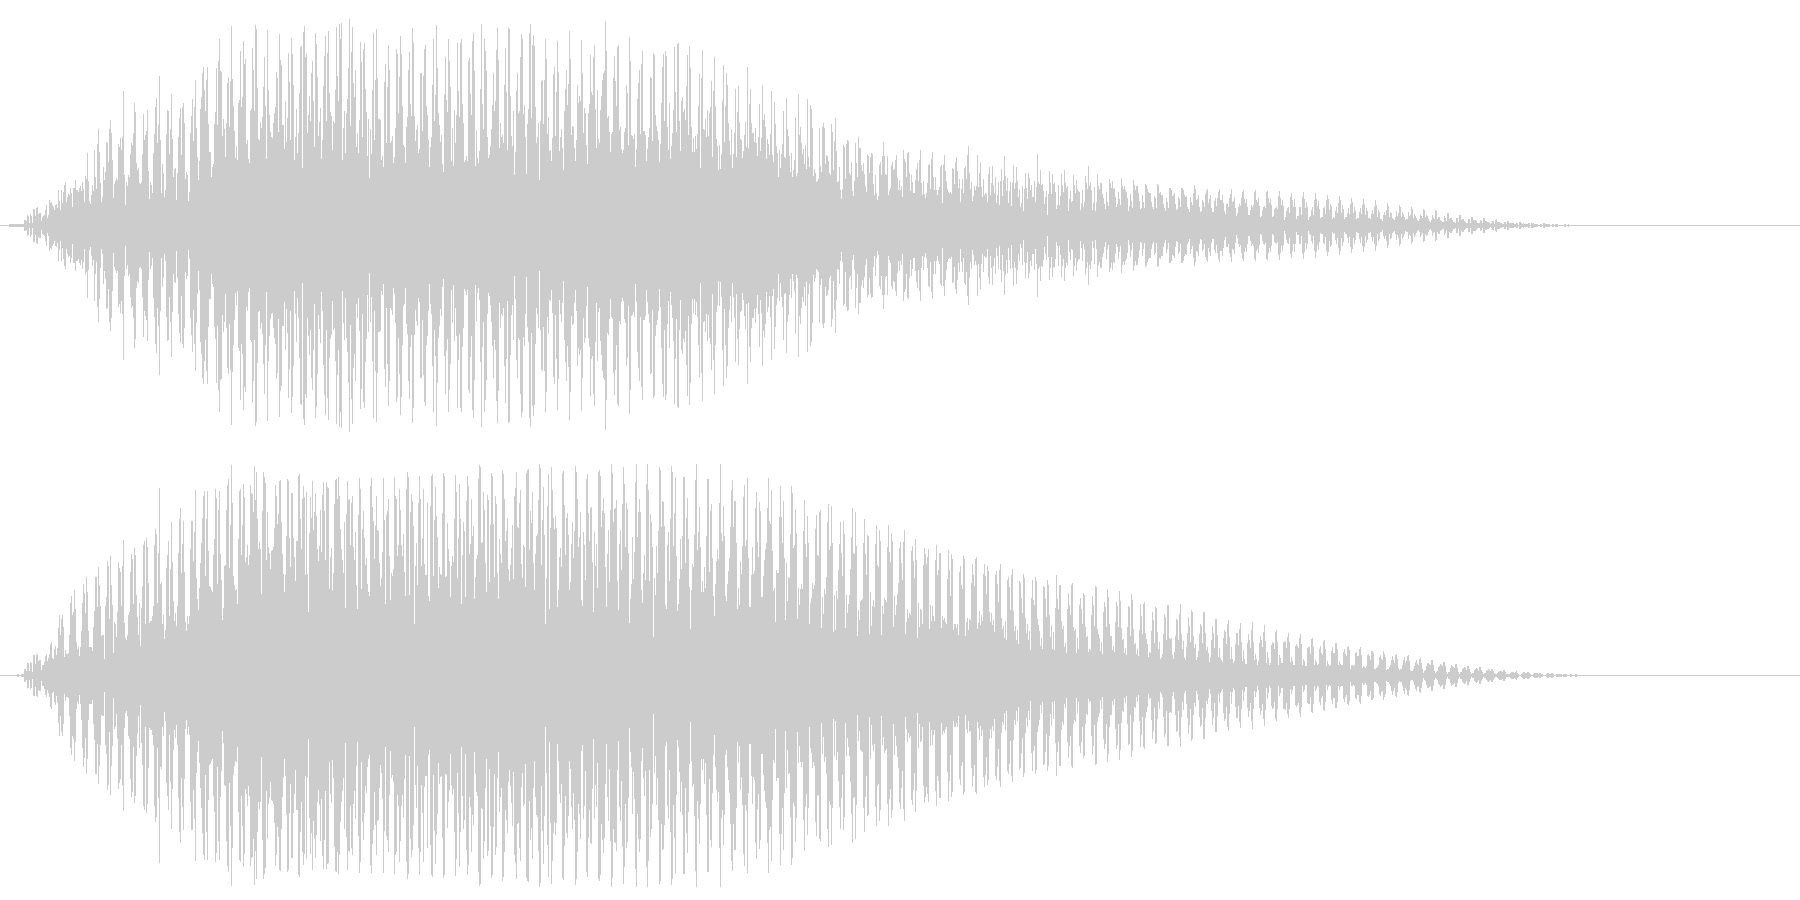 サウンドロゴ【宇宙】光が通過する未来空間の未再生の波形